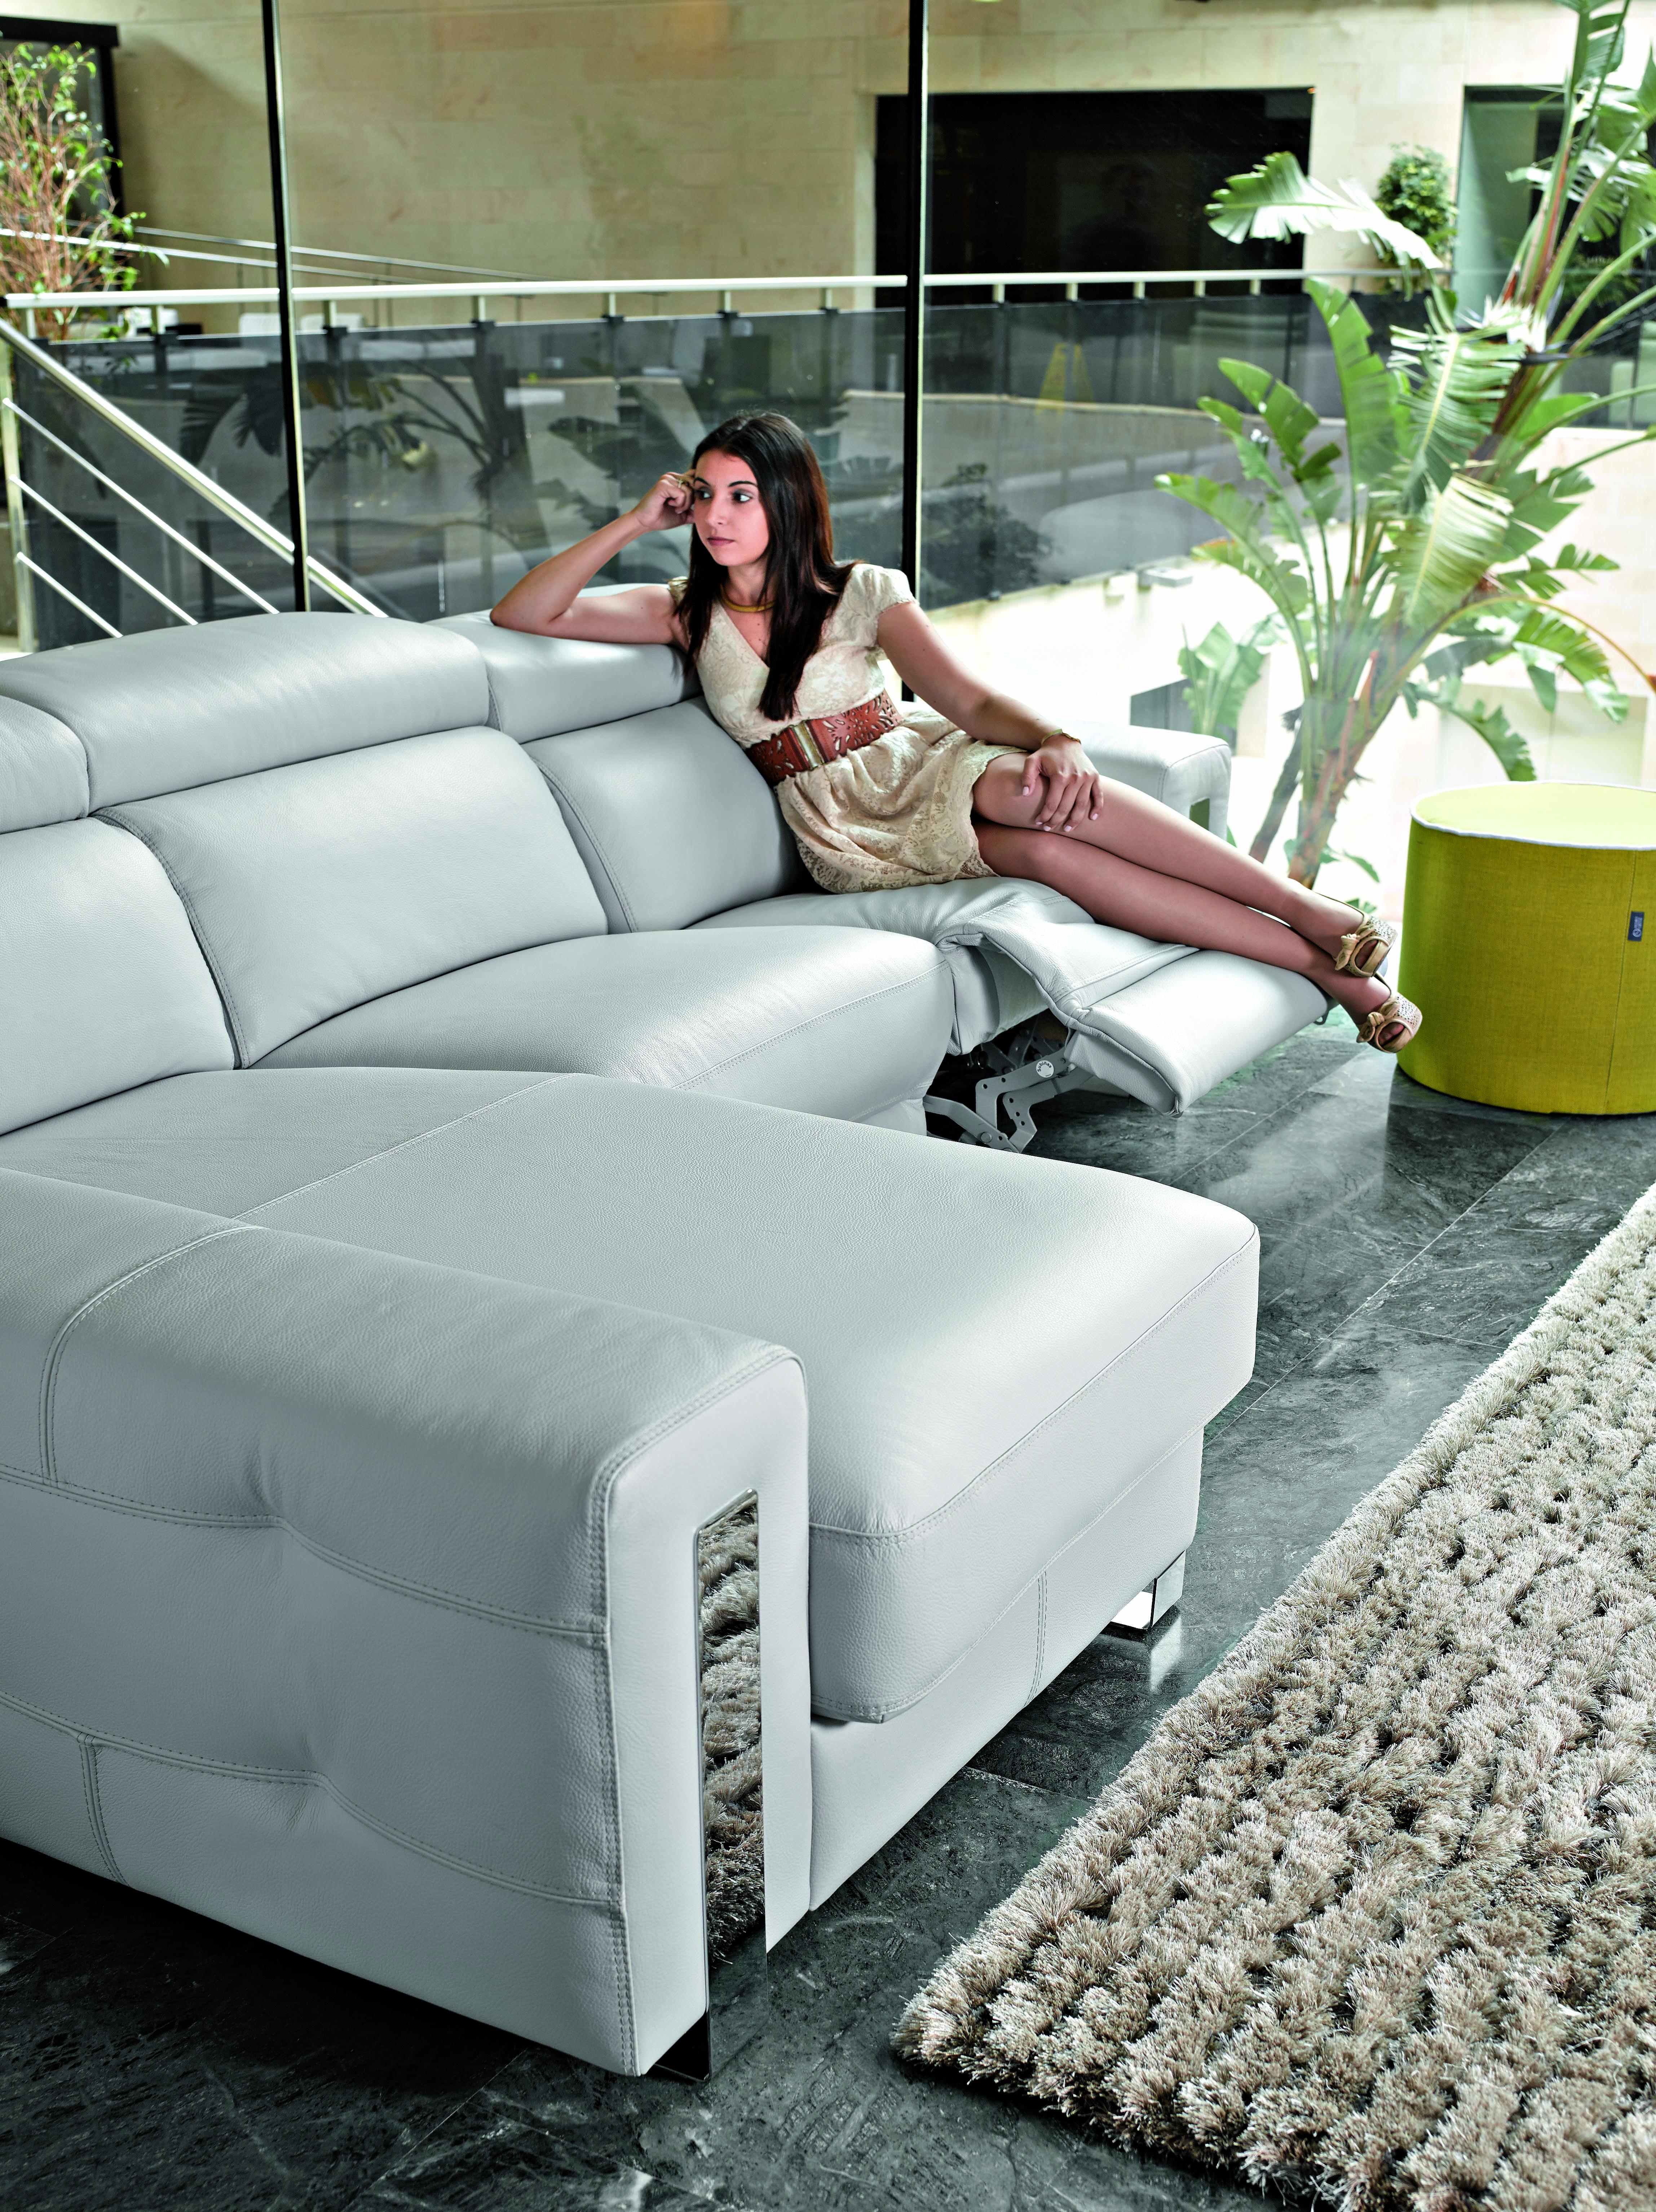 magasin meuble dubai mideorient style sige canap en cuir vente chaude dubai canap arabe style. Black Bedroom Furniture Sets. Home Design Ideas